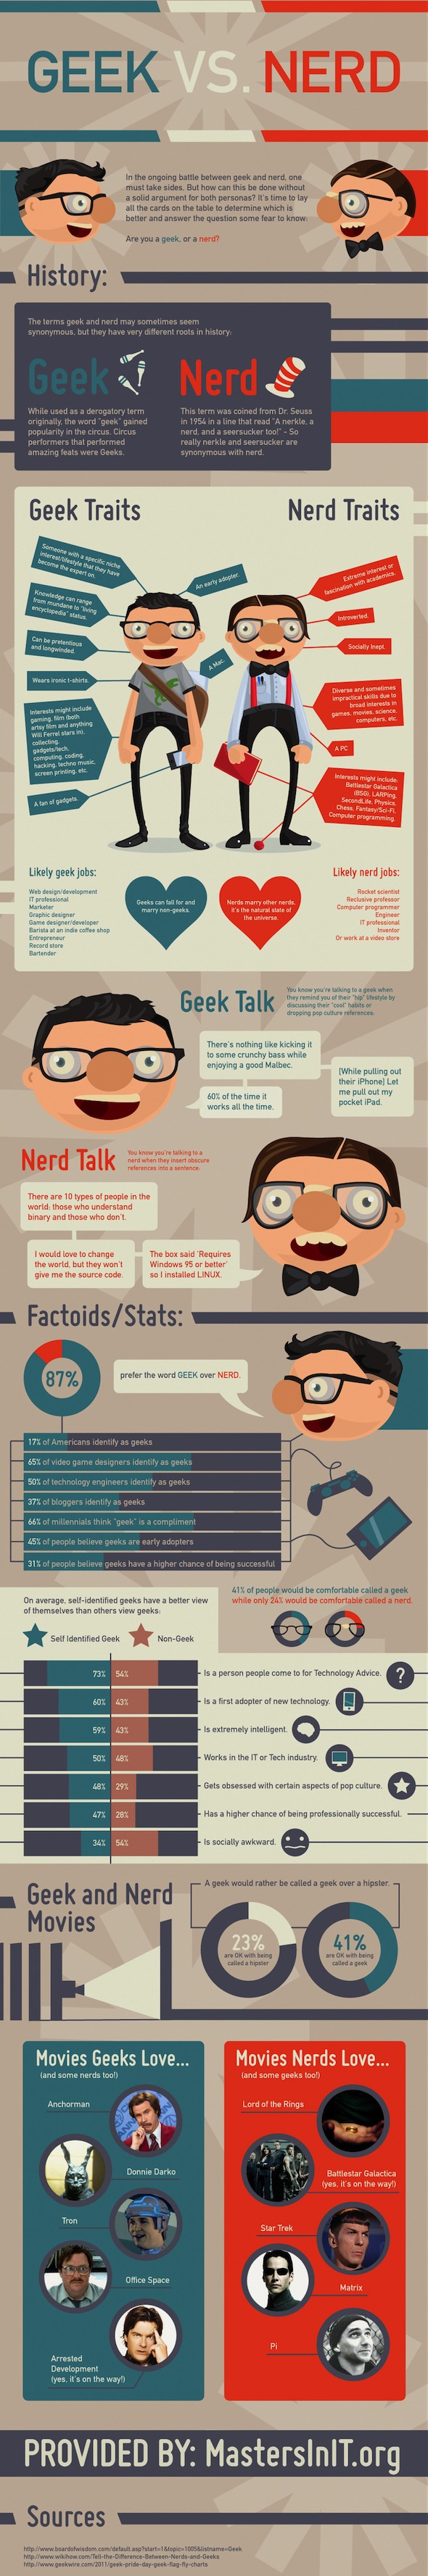 geeks-vs-nerds